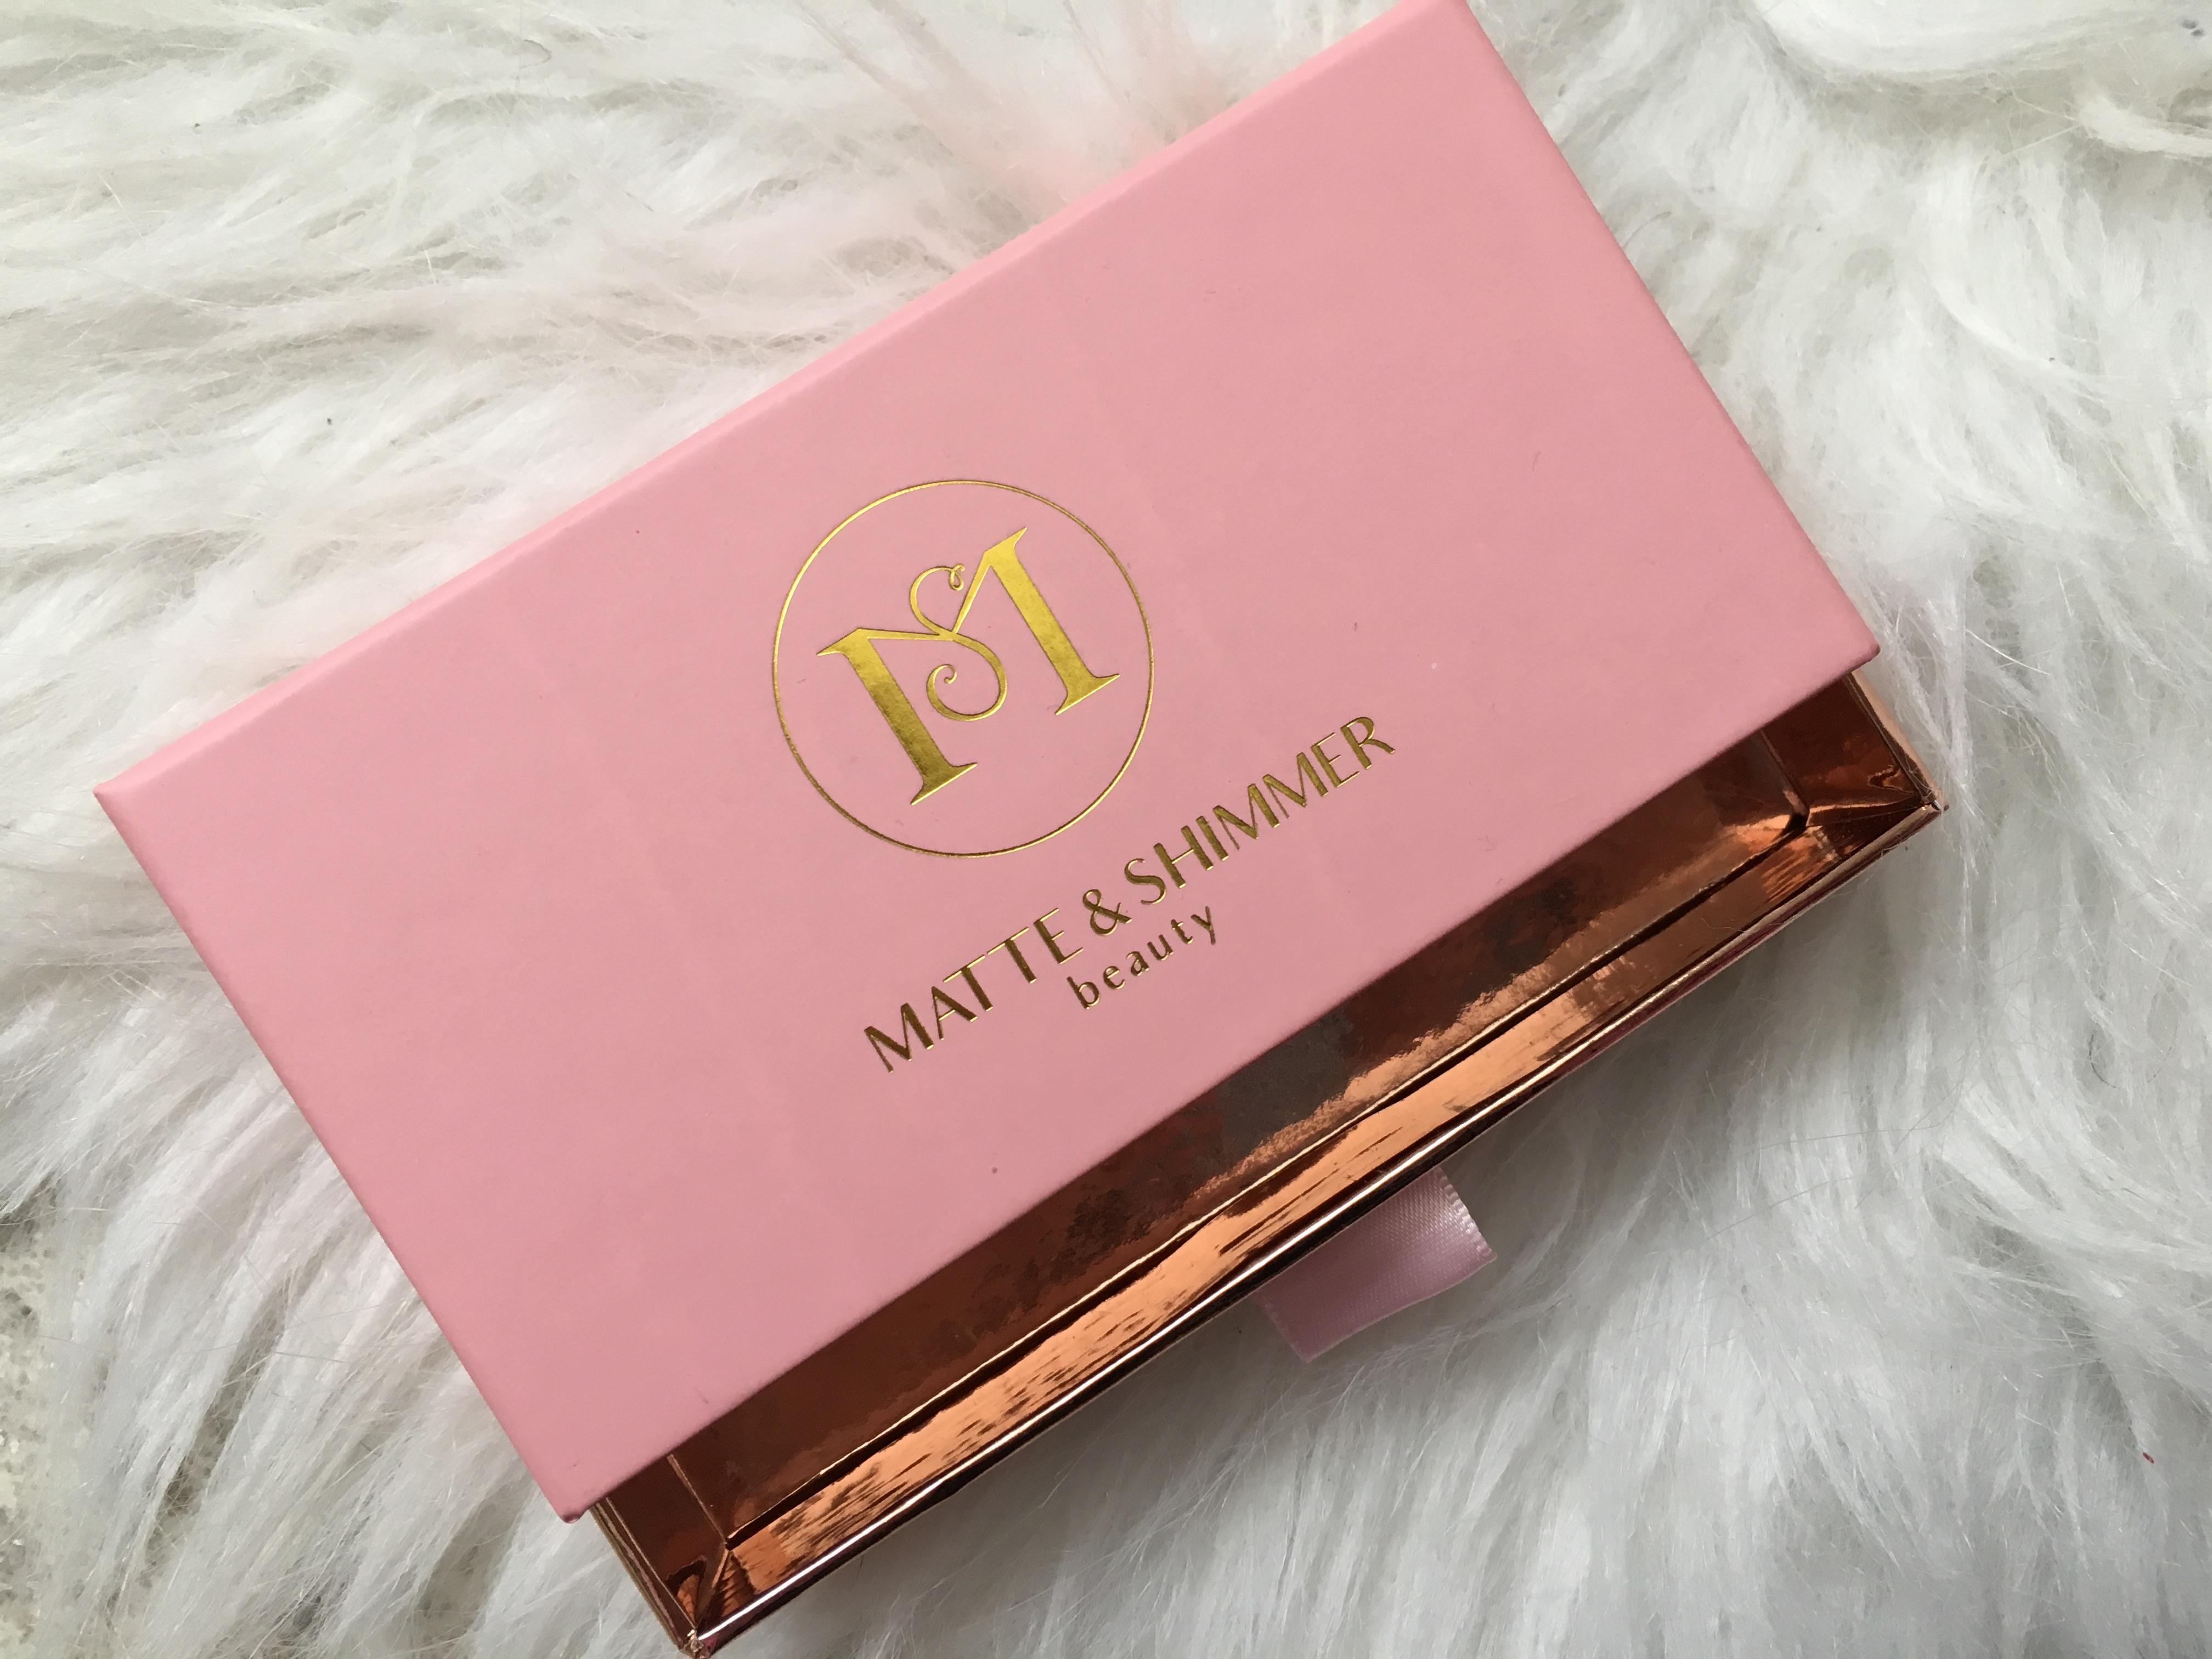 Matte & Shimmer Beauty | Sneak peek van een spannend project!